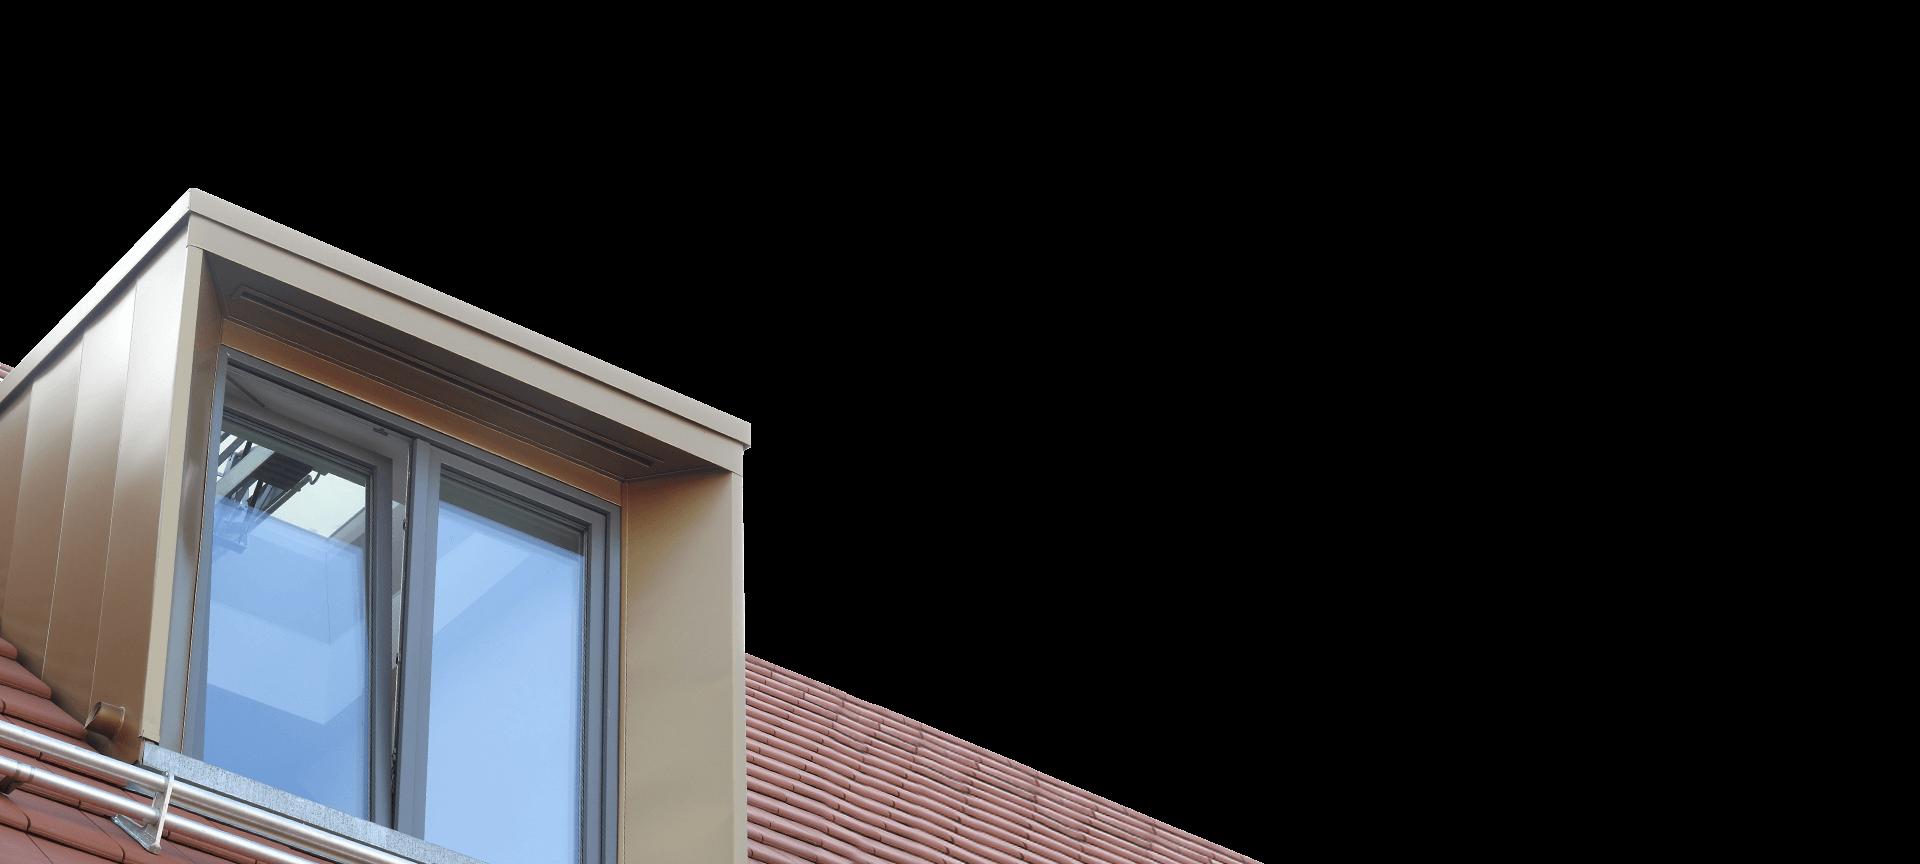 Köhler Bedachungen roland köhler dachdecker gmbh meisterbetrieb erfurt